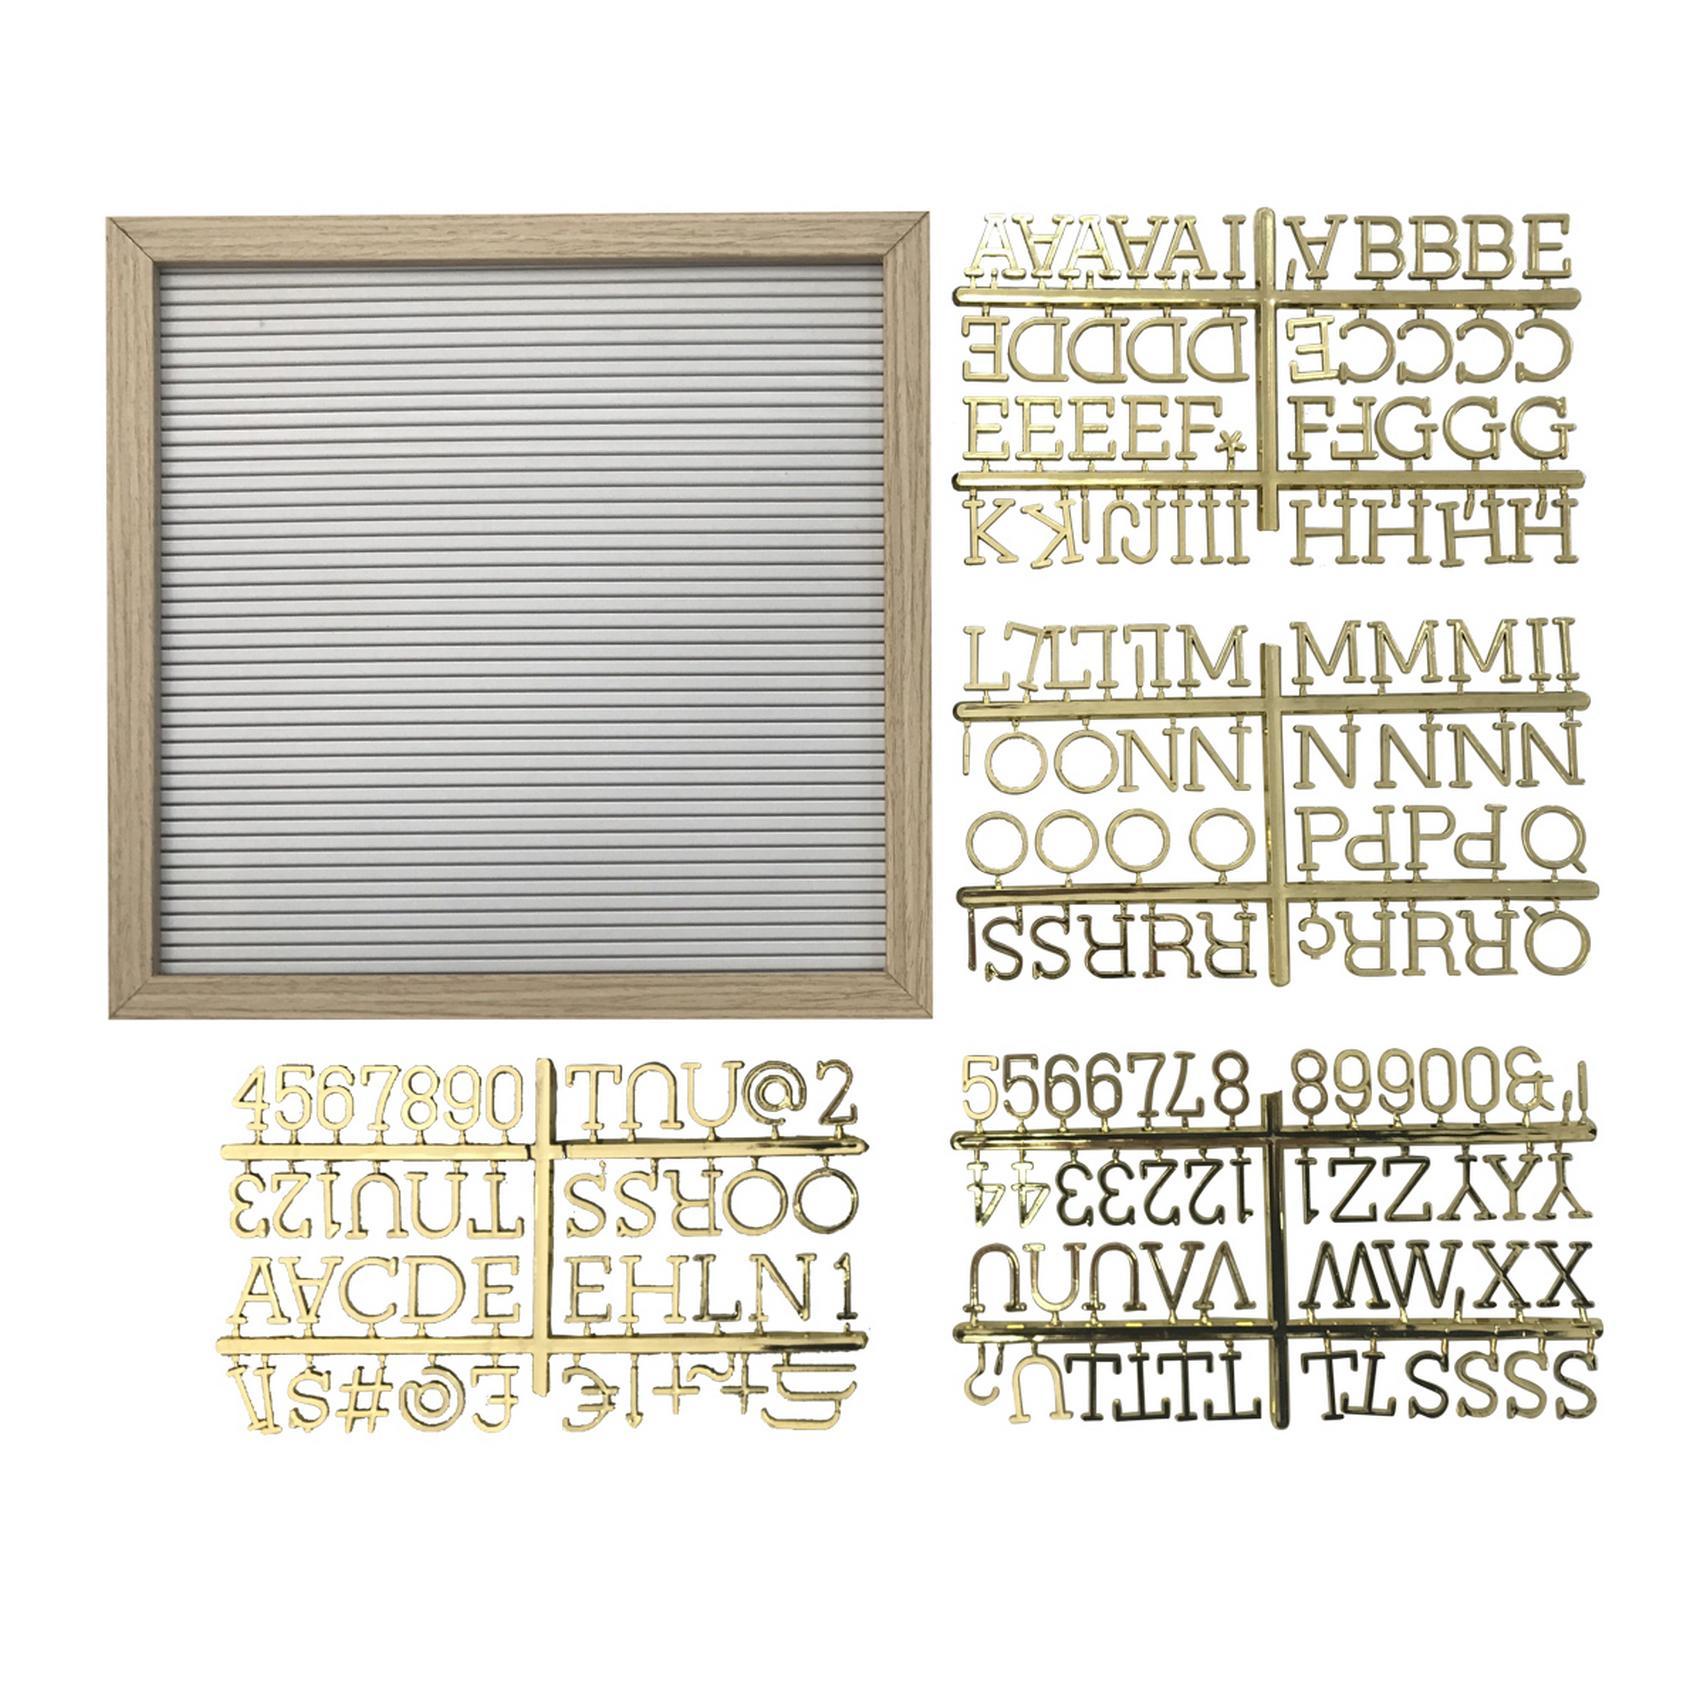 Quadro Madeira/Plastico Alfabeto Branco Letras Douradas 30.5X2X30.5Cm - Urban